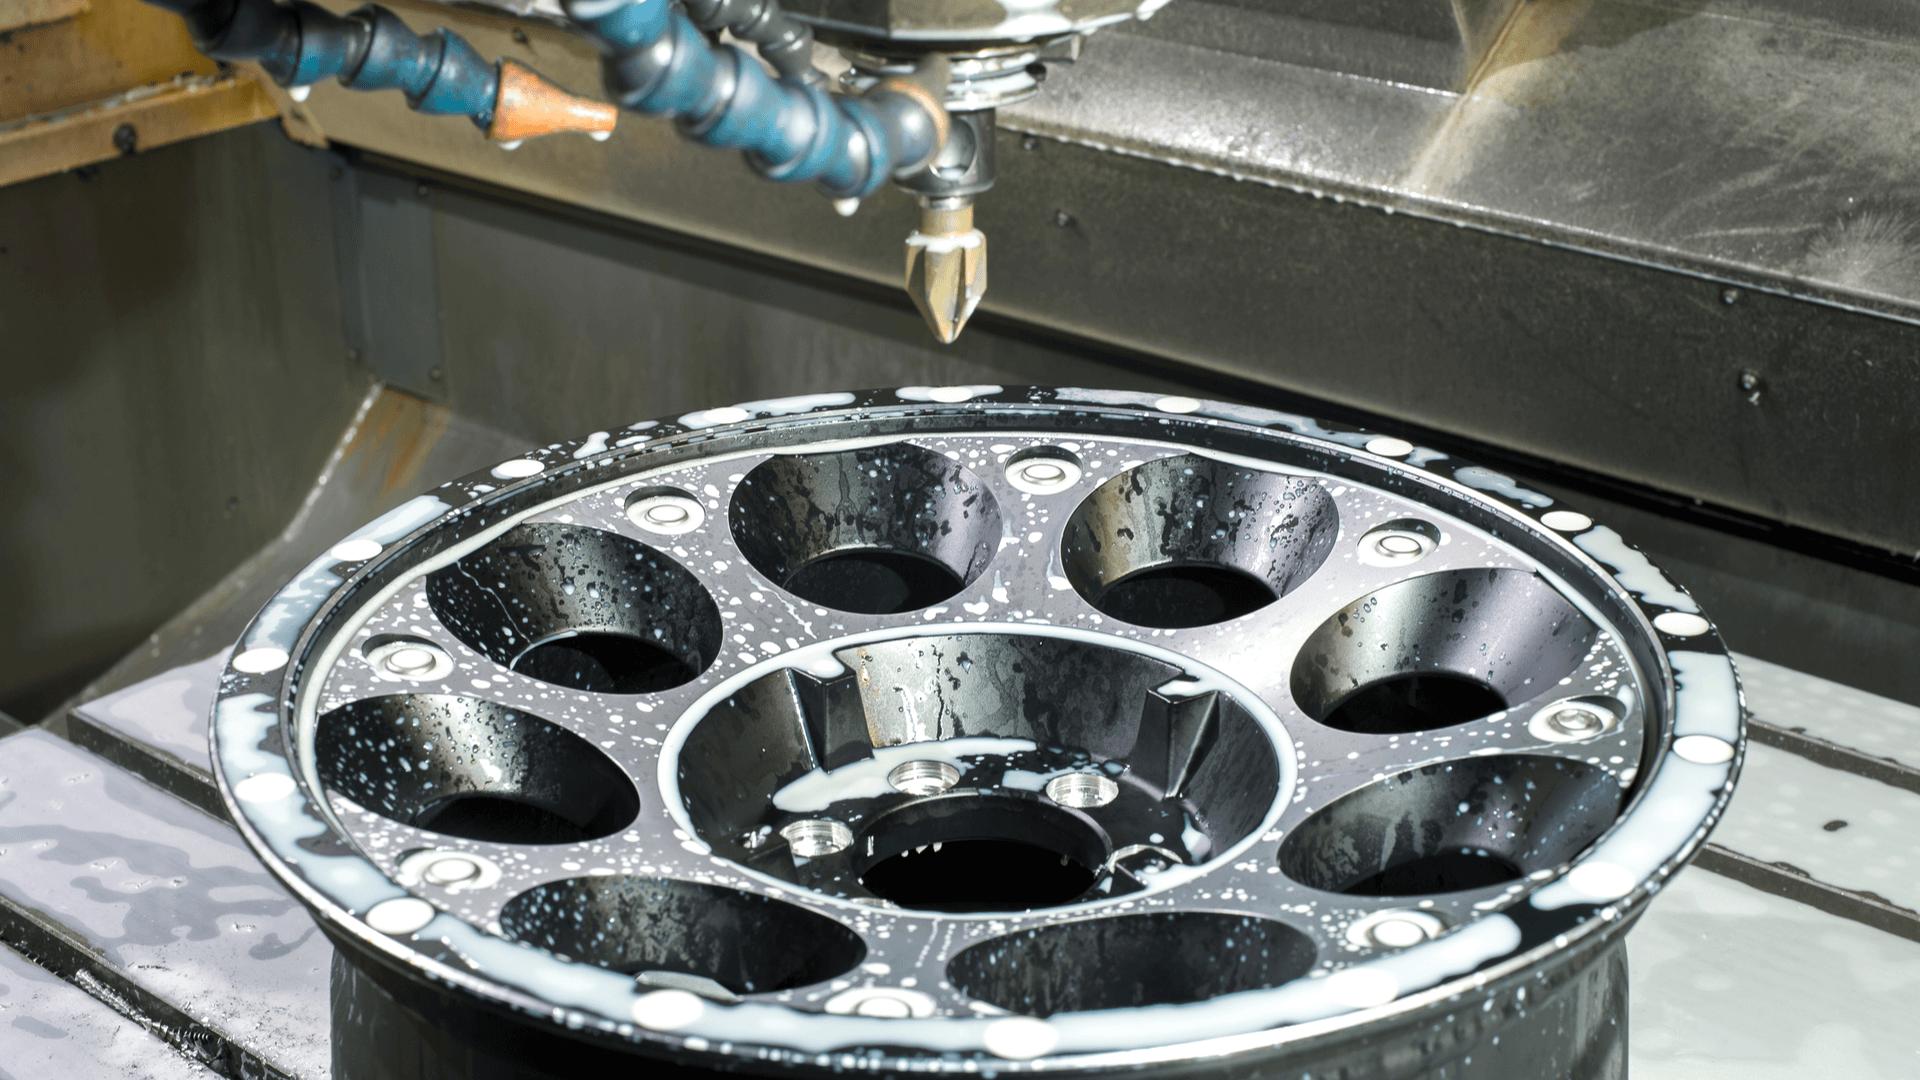 Glanzdrehen an der CNC-Maschine